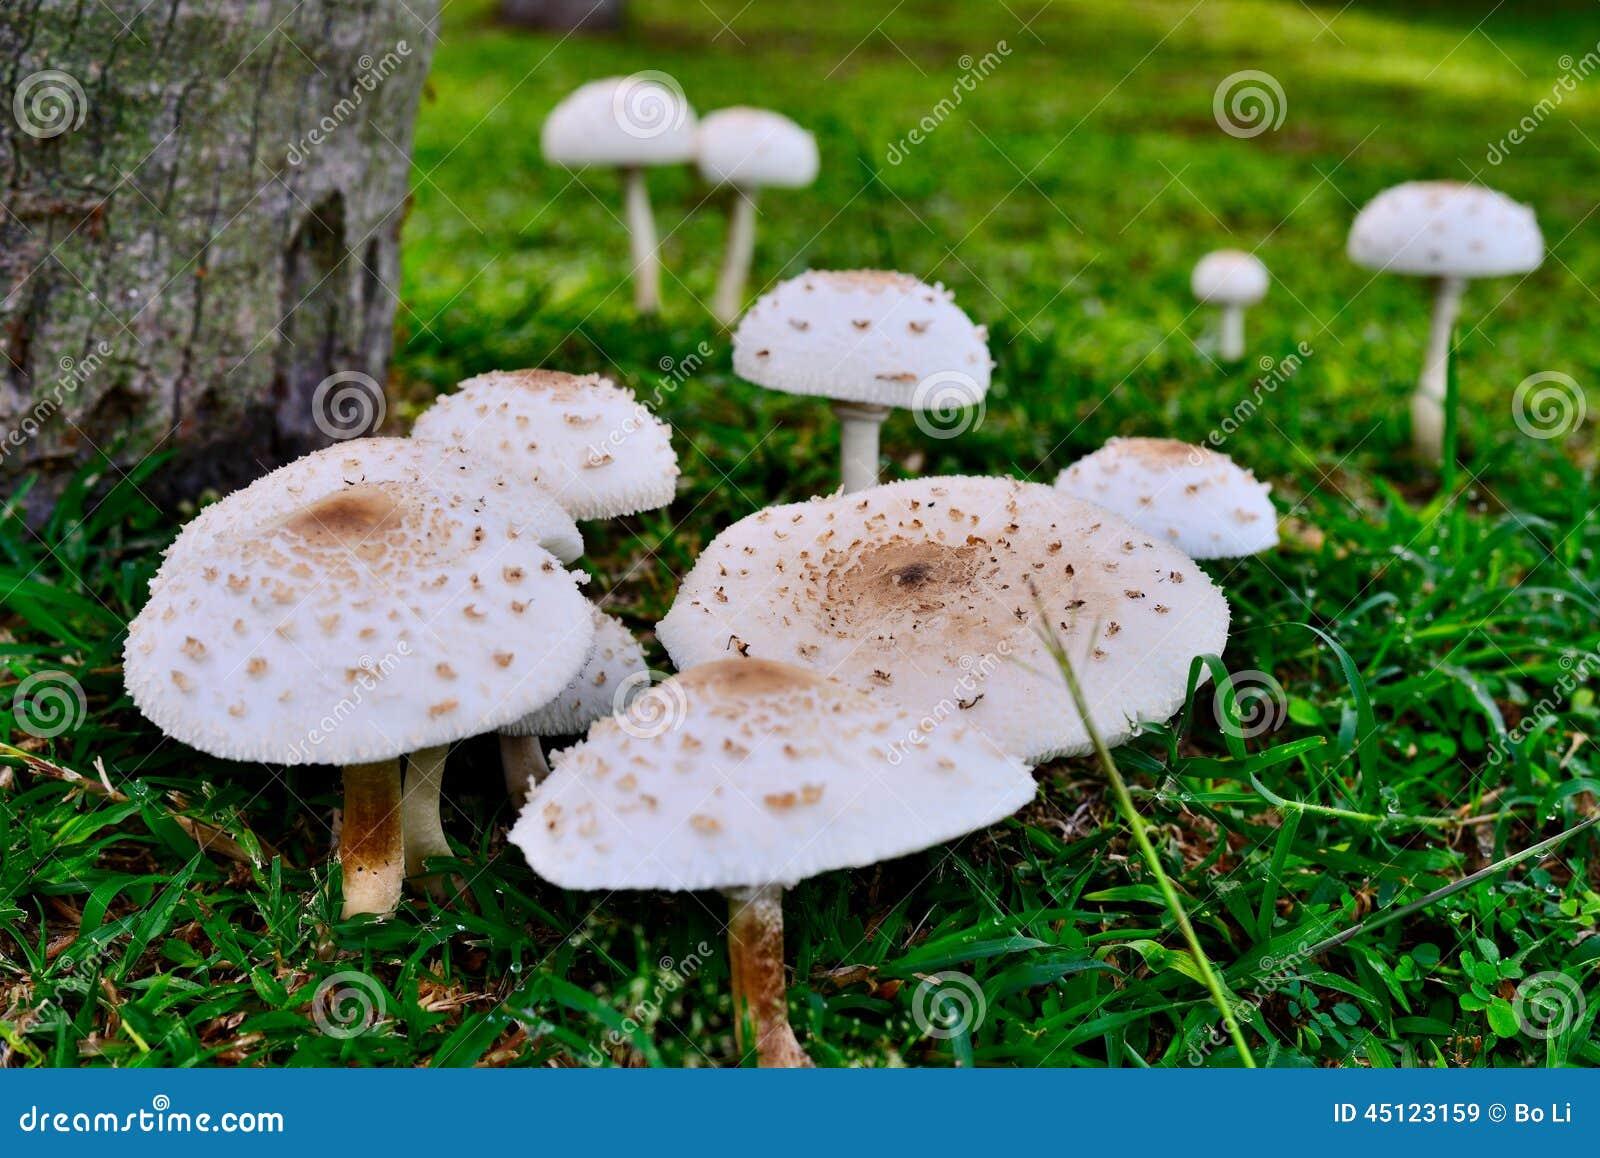 Ant and Mushroom